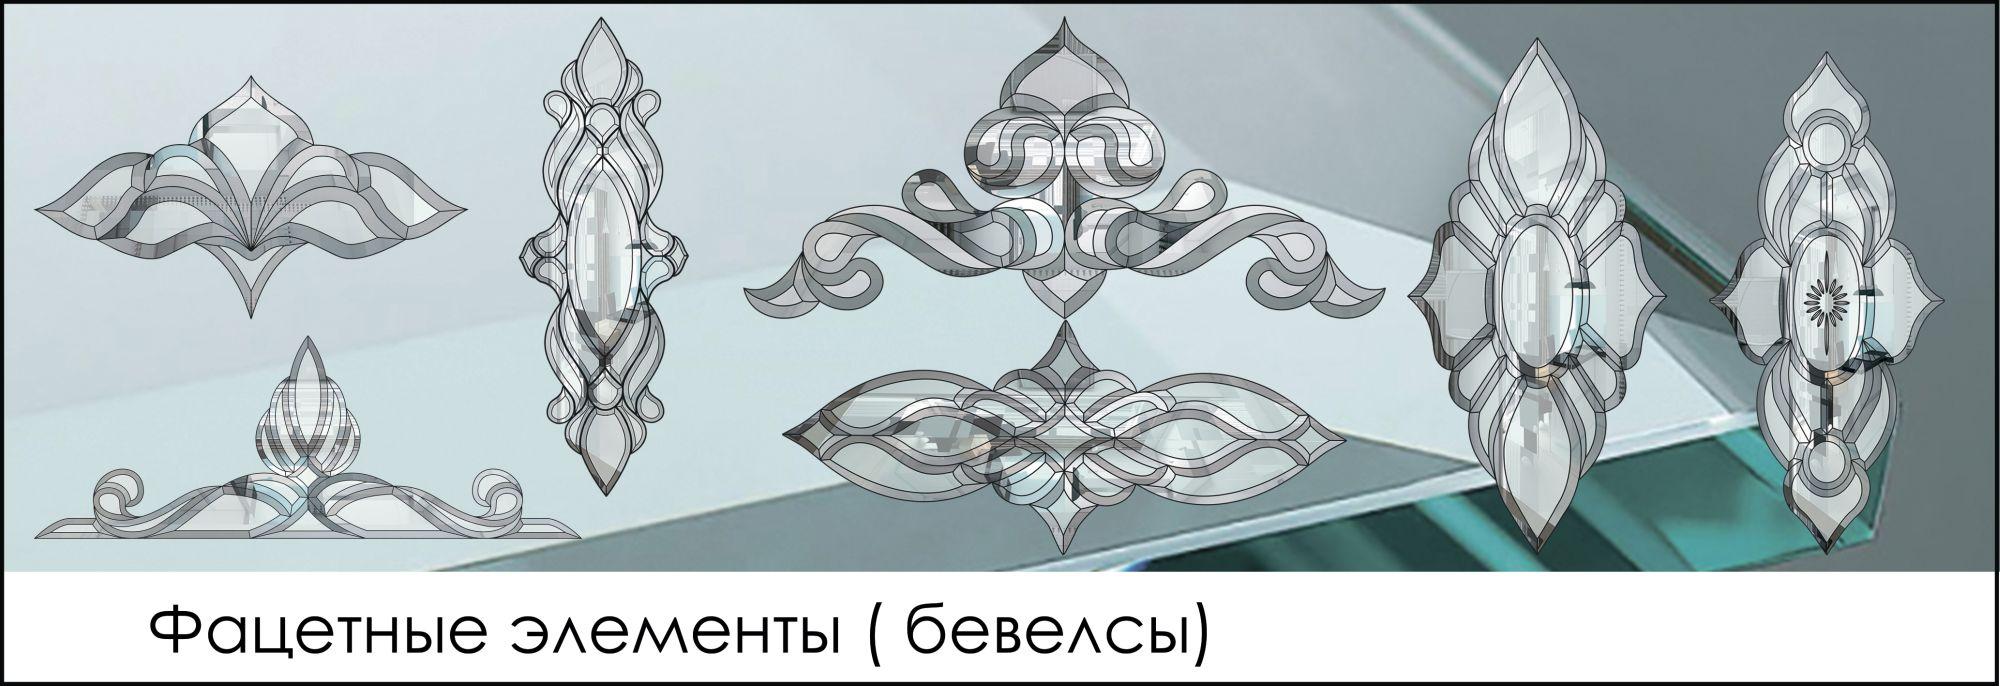 http://glass-m-tech.com.ua/image/catalog/category/b1.jpg